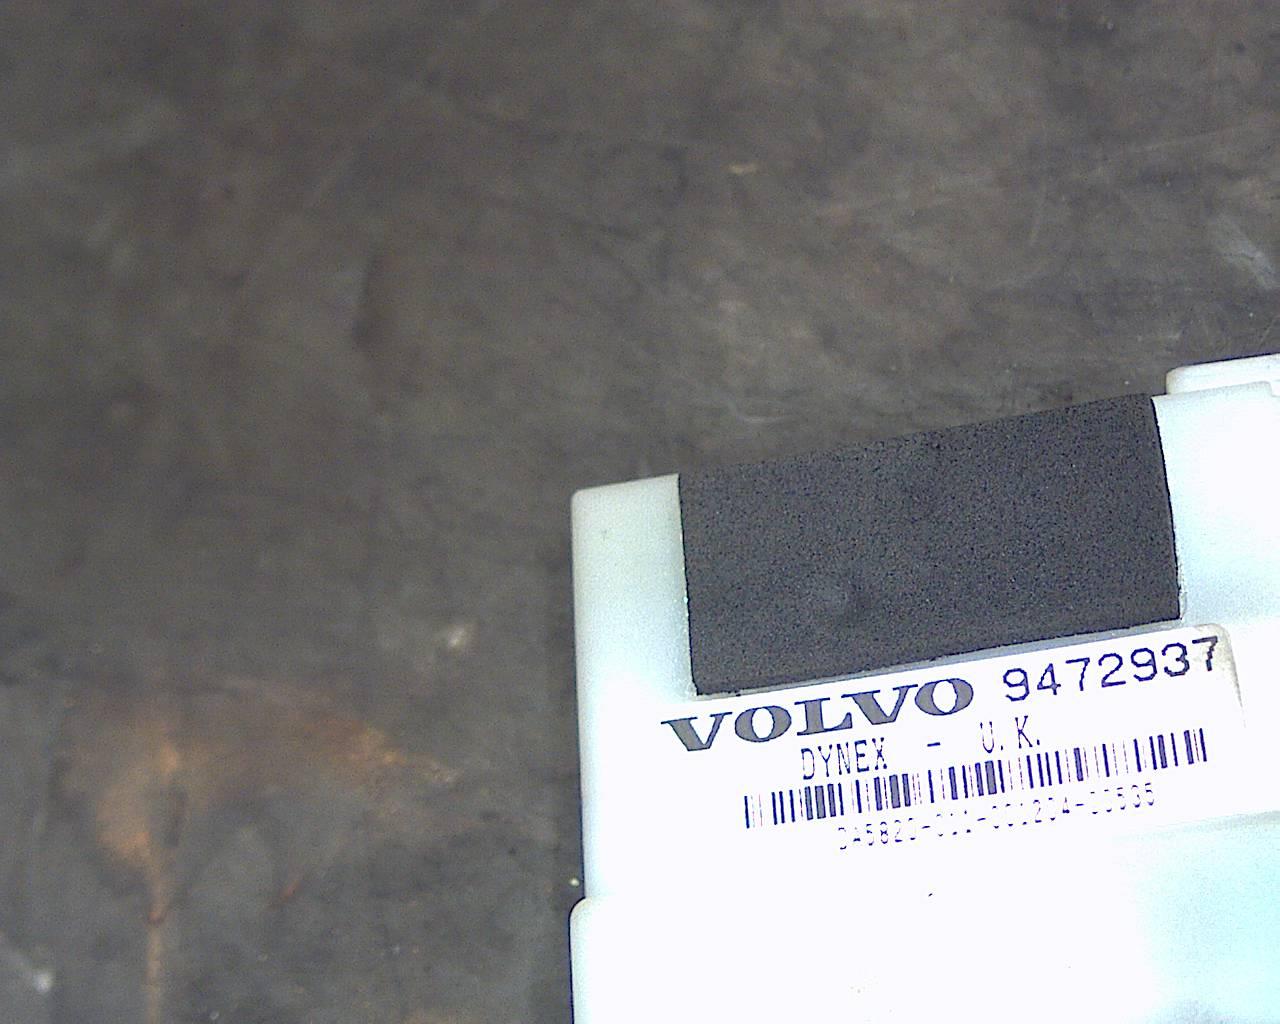 Billarm till VOLVO S80 1999-2003 M 30659266 (0)